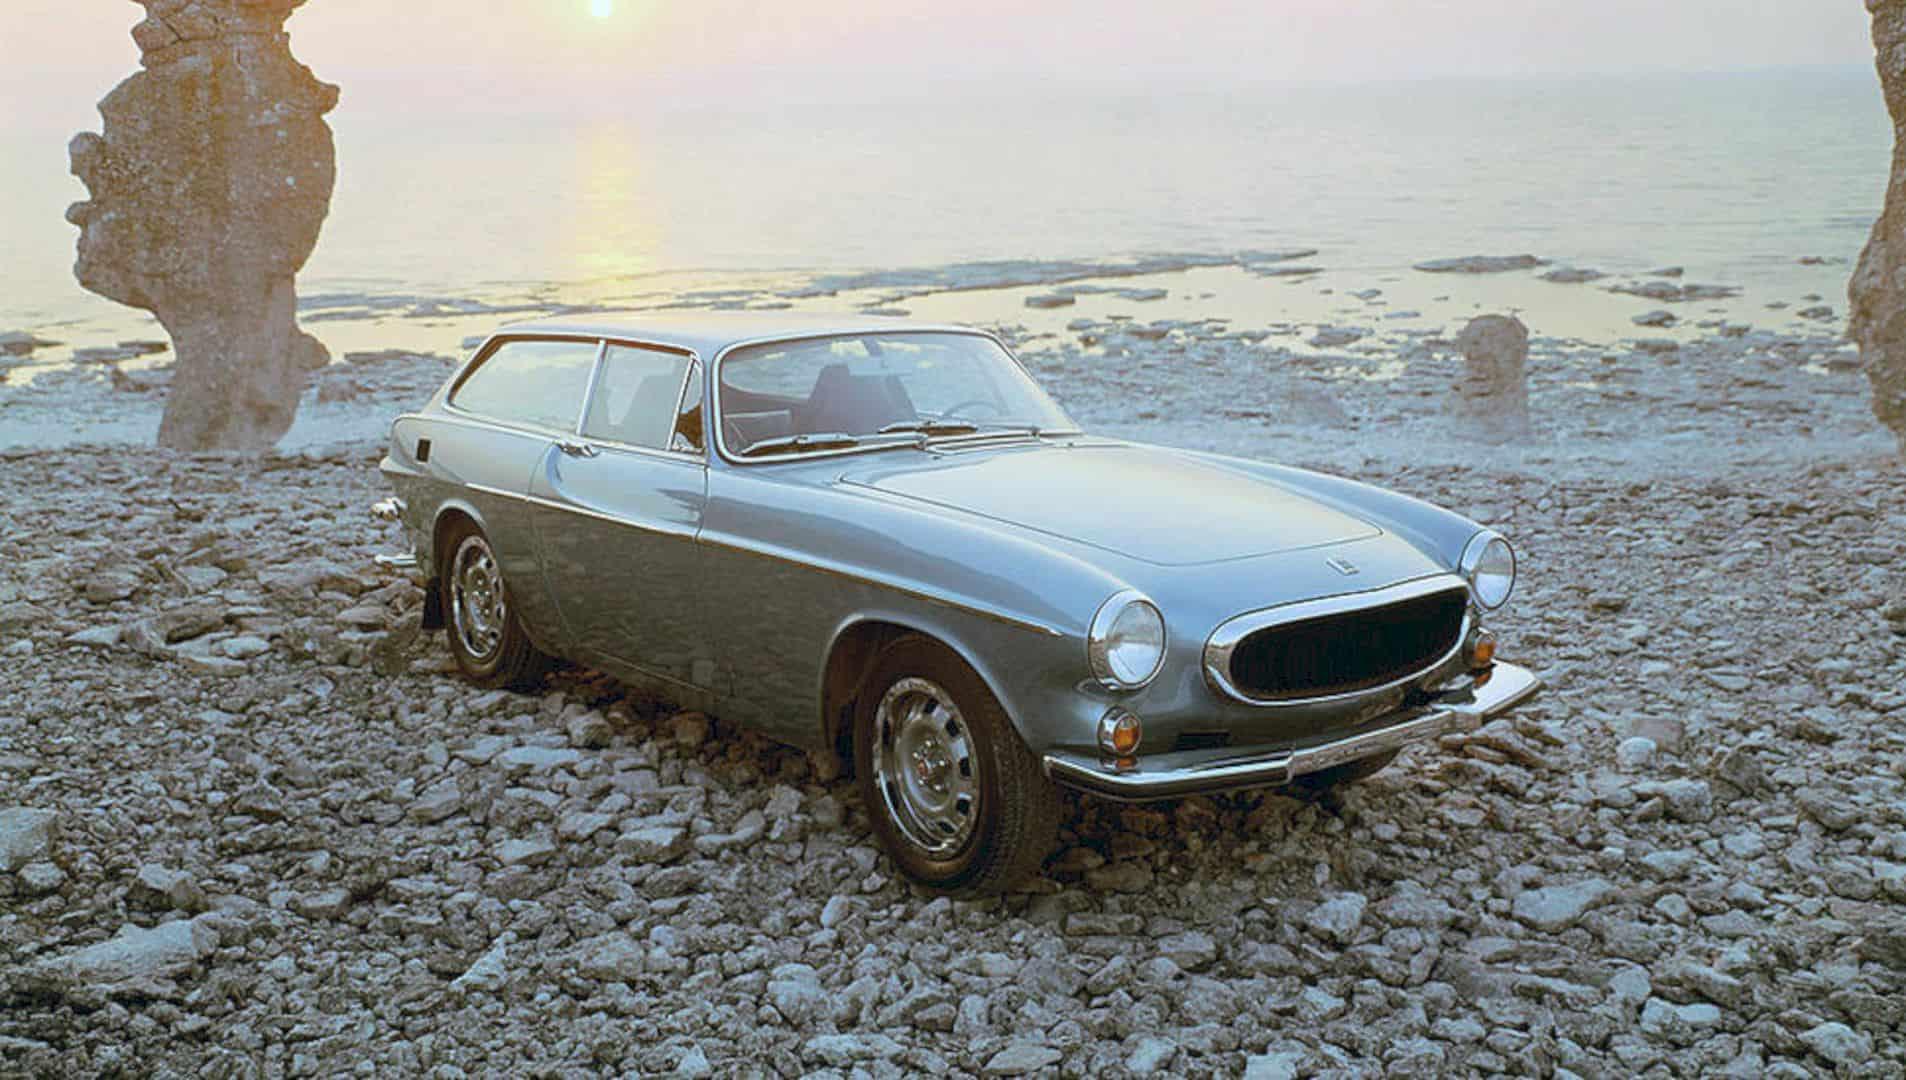 The Volvo 1800es 6